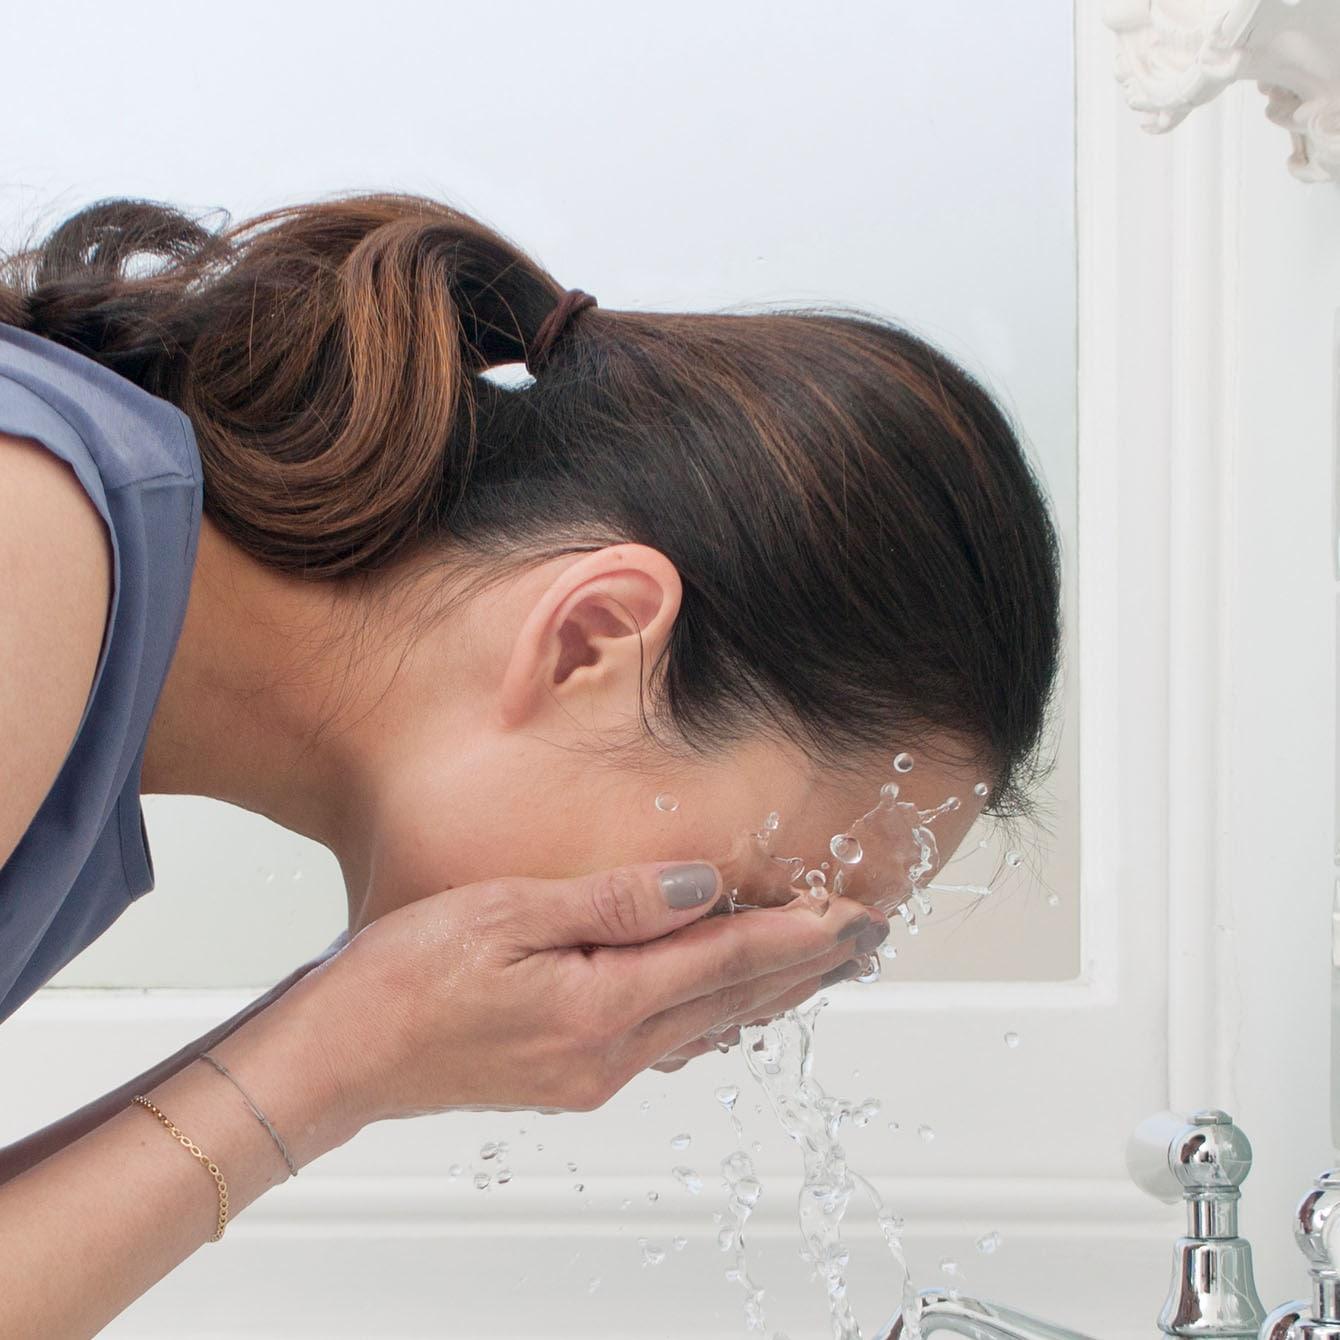 πλένουμε το πρόσωπο με νερό